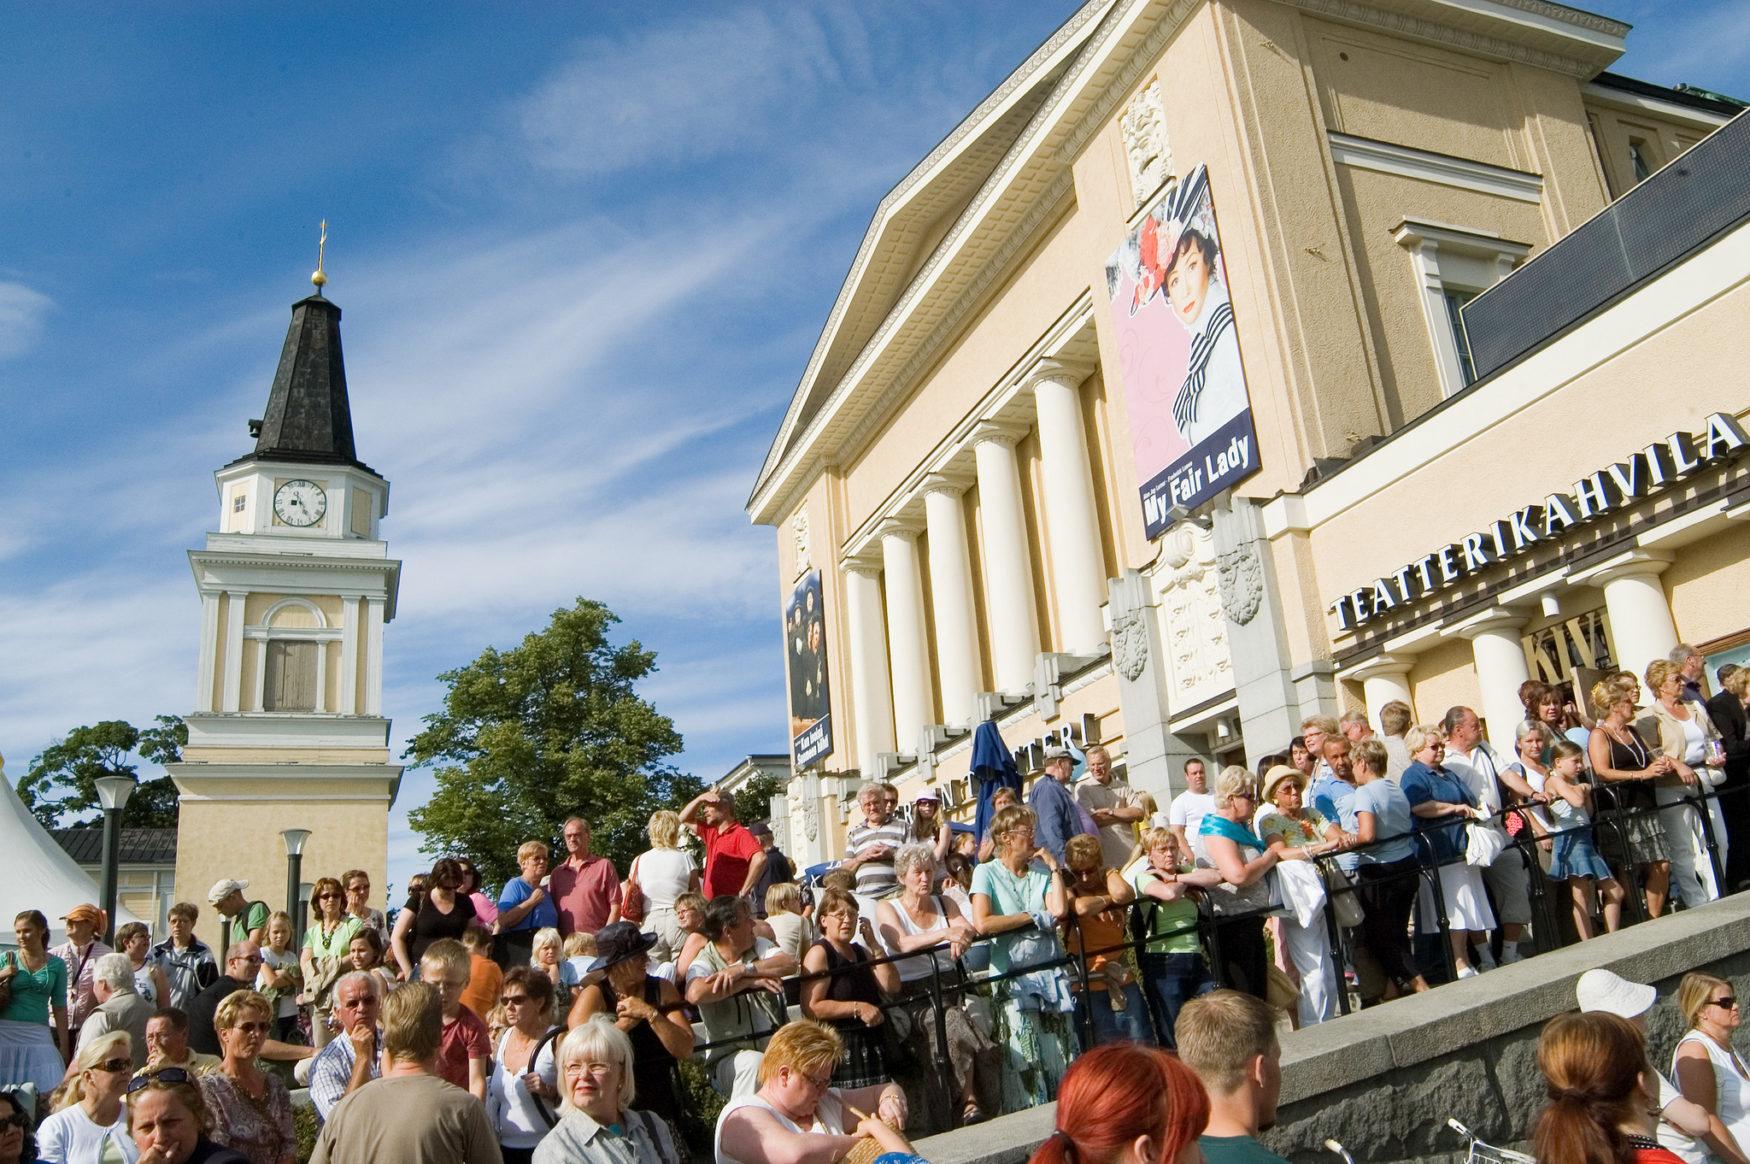 väkijoukko Tampereen keskustorilla